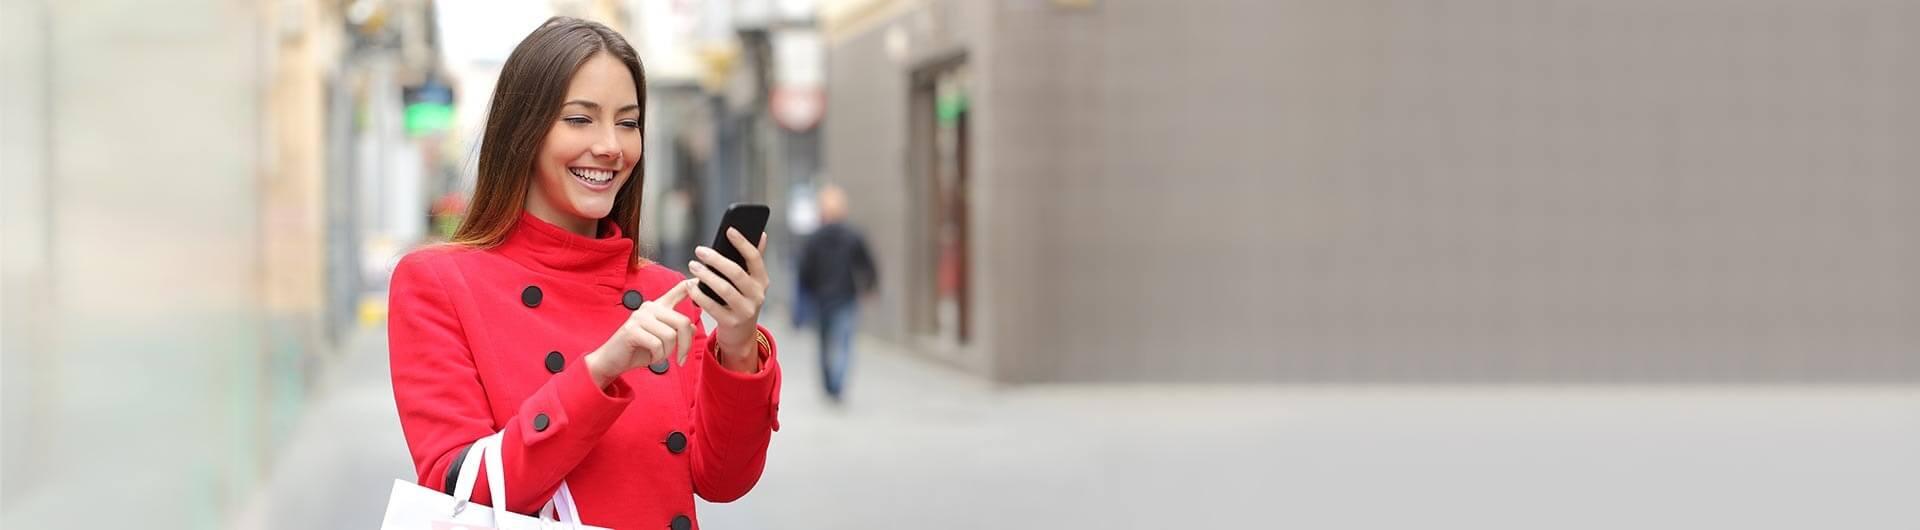 הודעות SMS ללקוחות חנות וירטואלית - כלי לשיפור חווית השירות